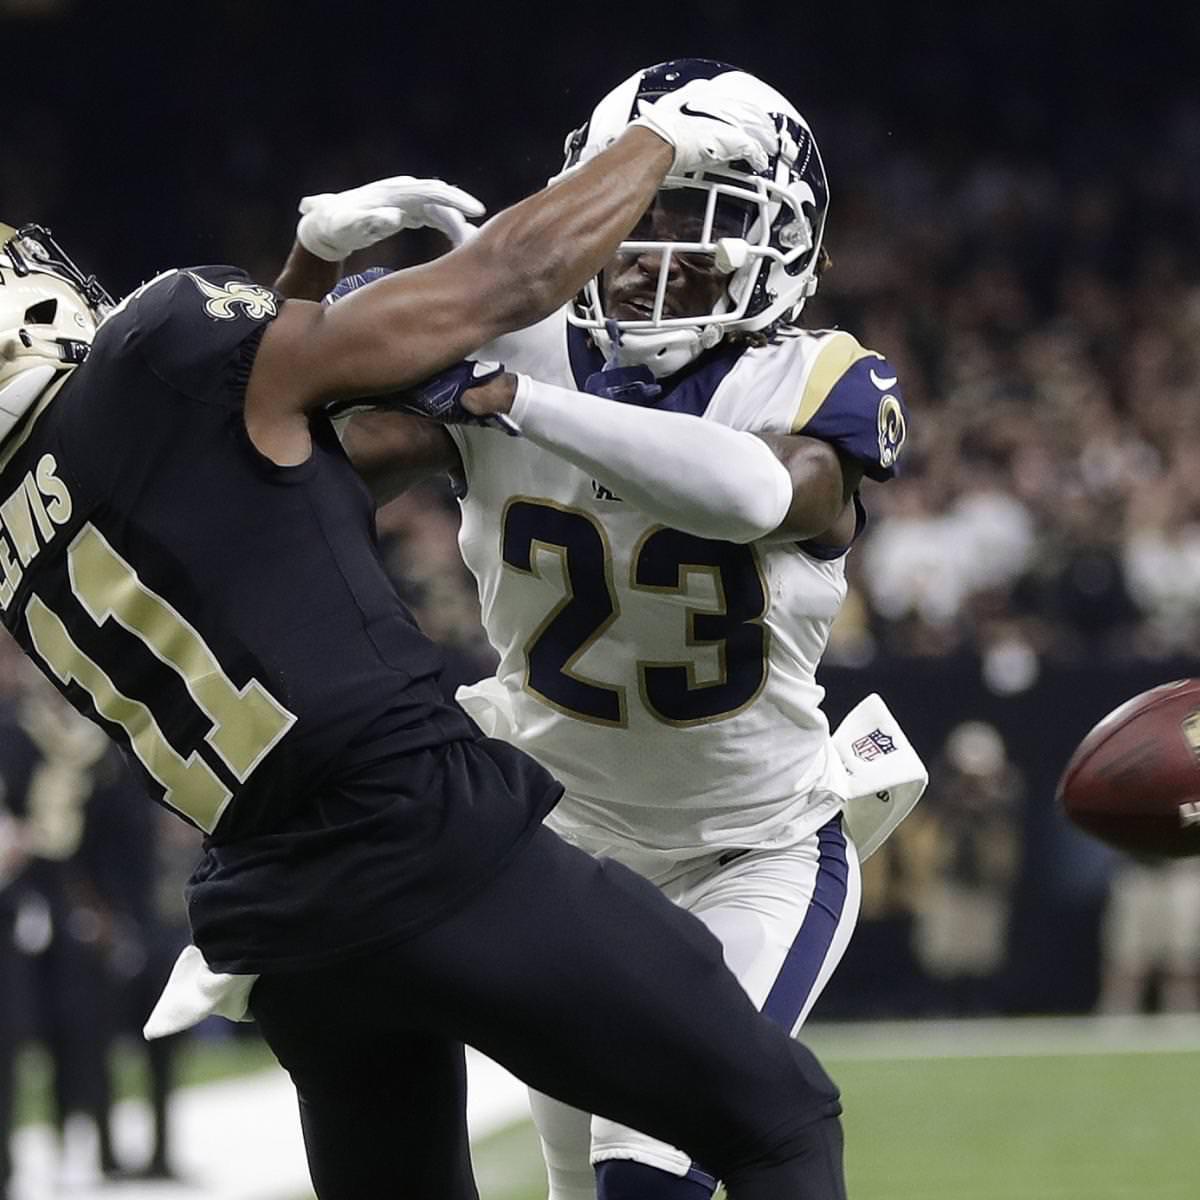 Rumores da NFL: Proprietários discutem mudanças na regra do PI Challenge aprovada em março